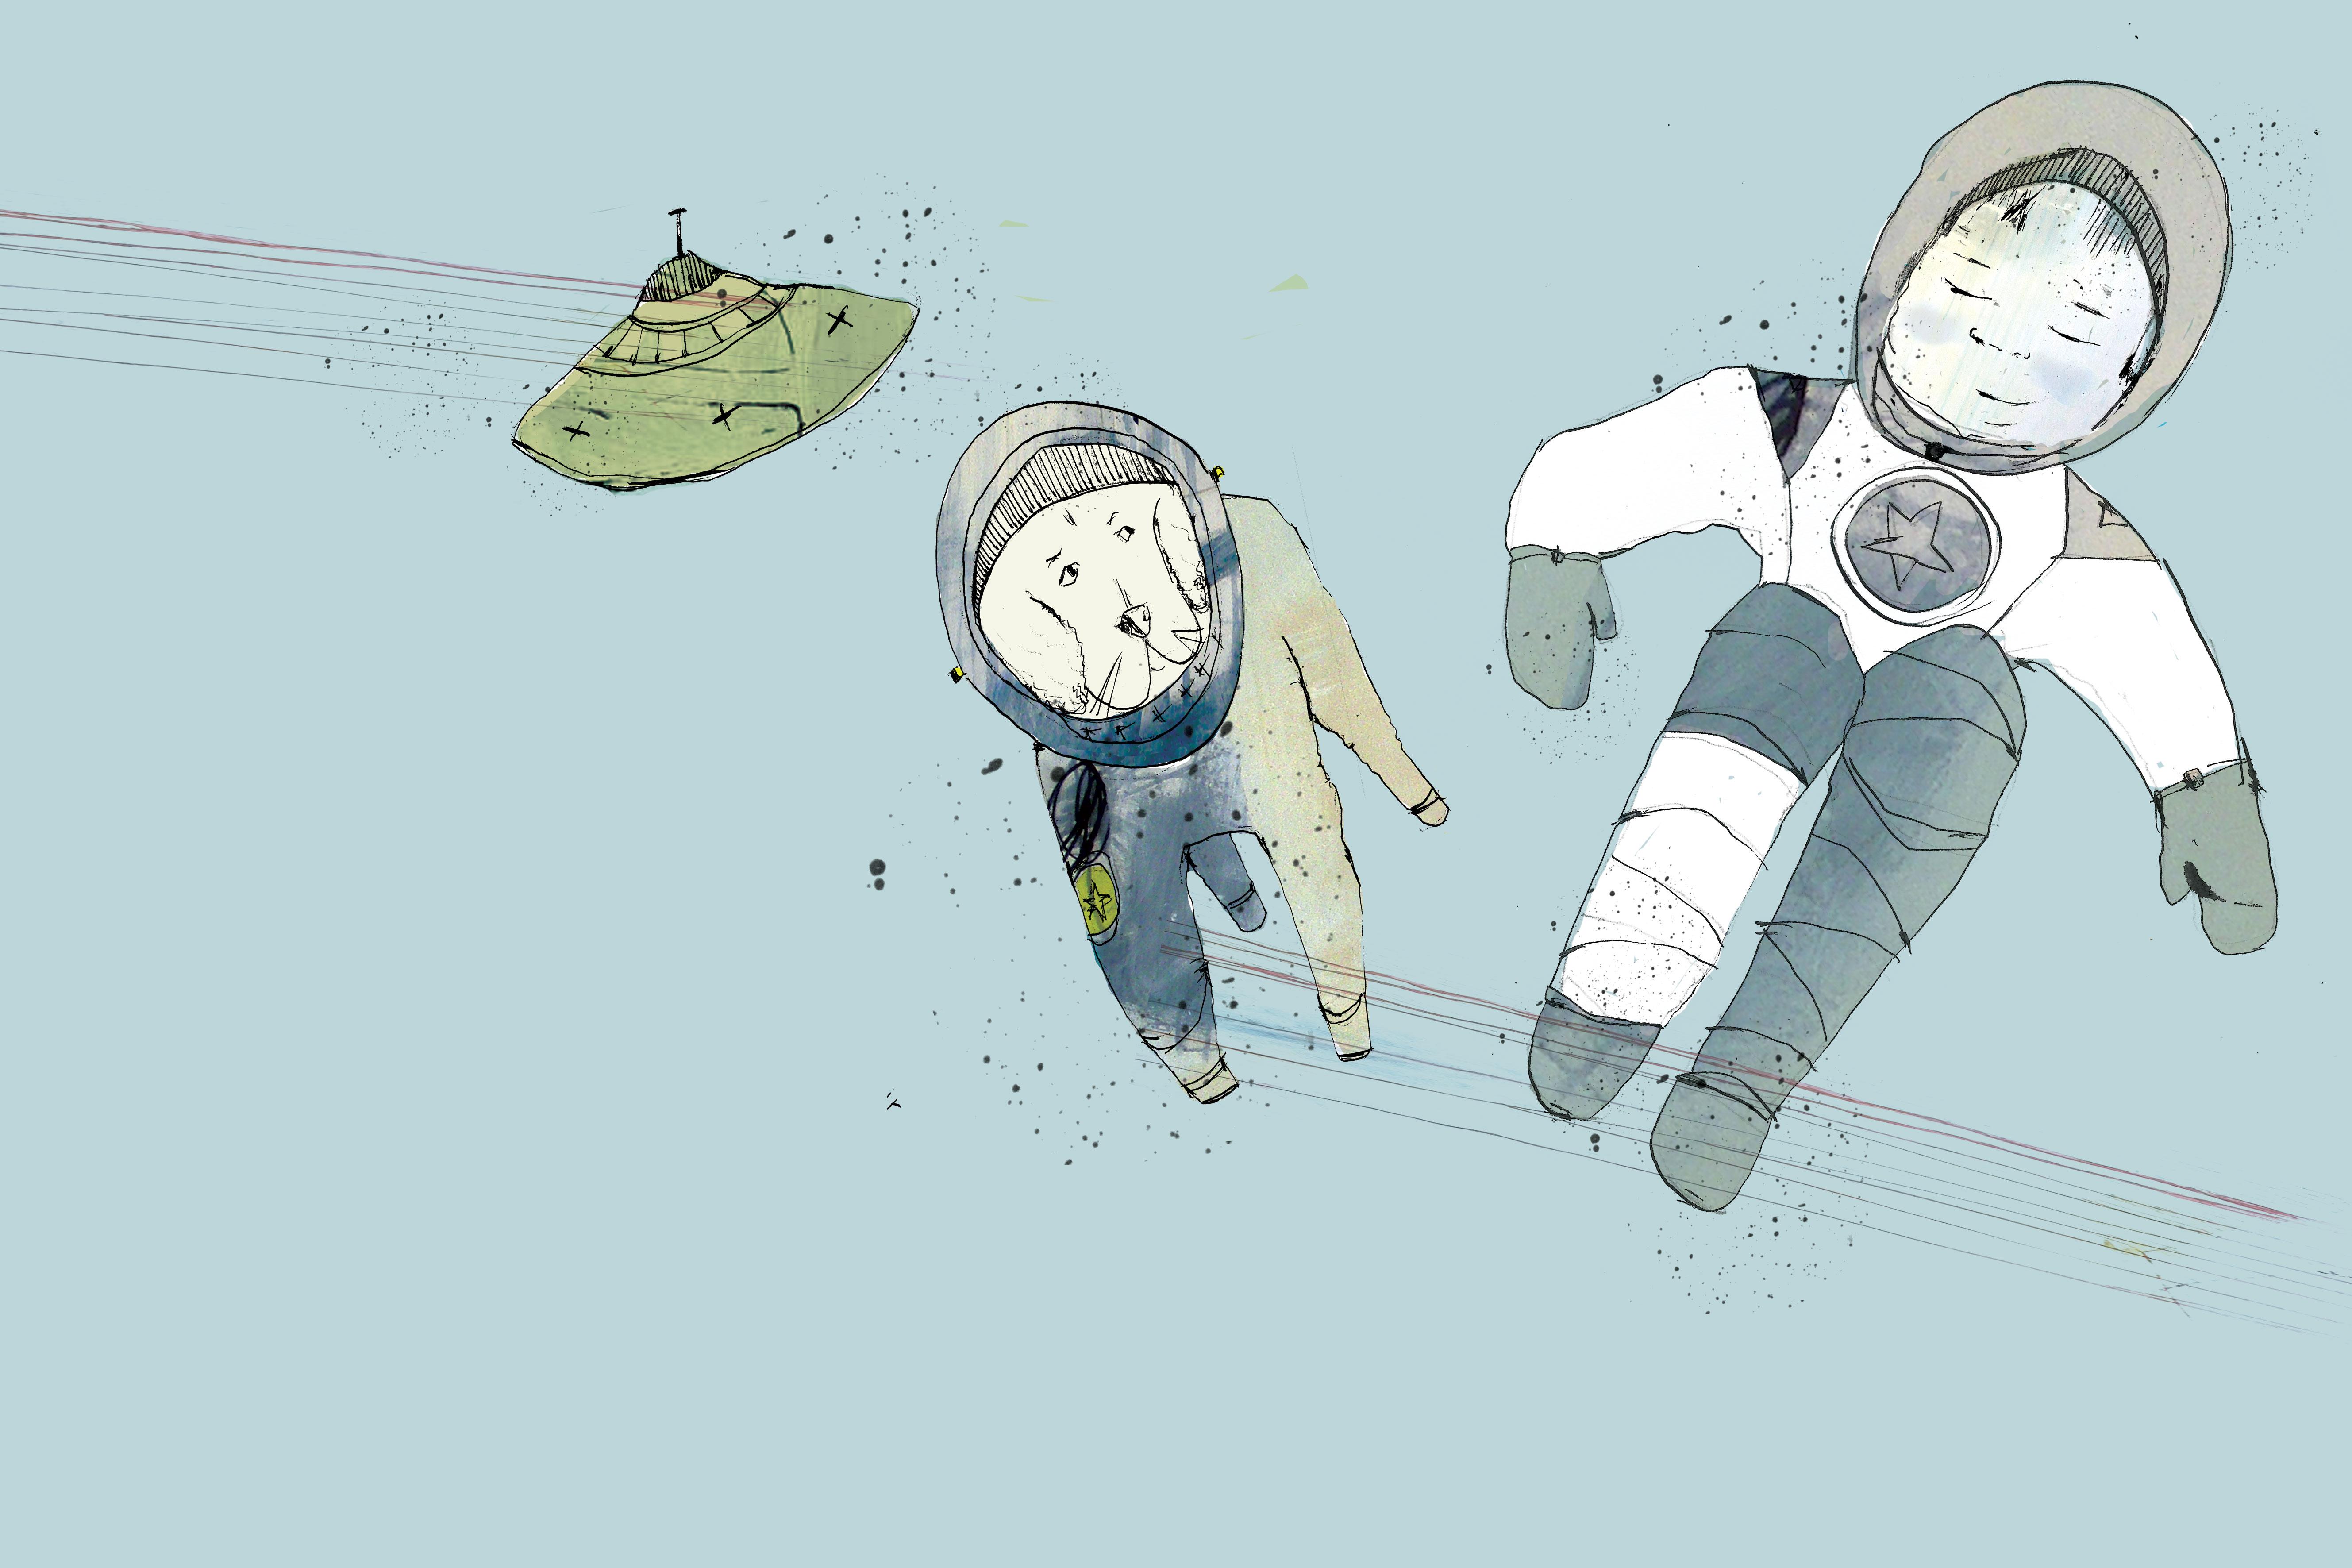 I kredsløb om jorden. Tegning af Tanja Eijgendaal til Jens Peter Madsens fortælling